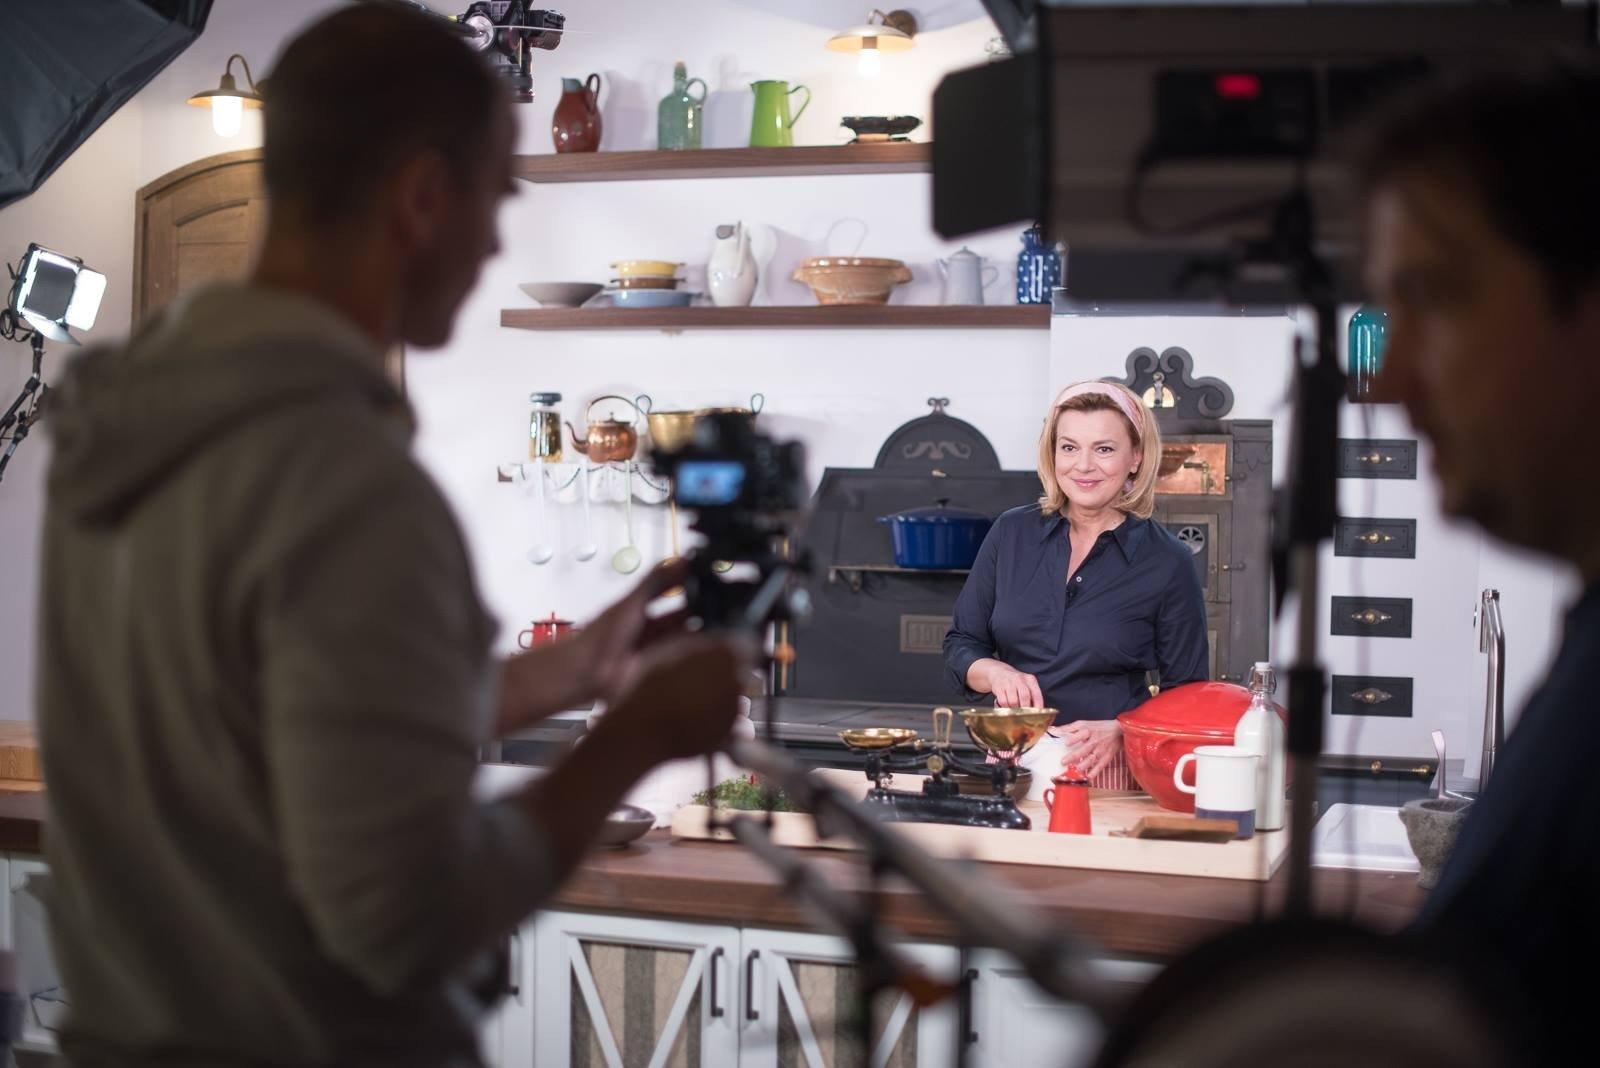 Új gasztronómiai sorozat indult a Duna Televízióban